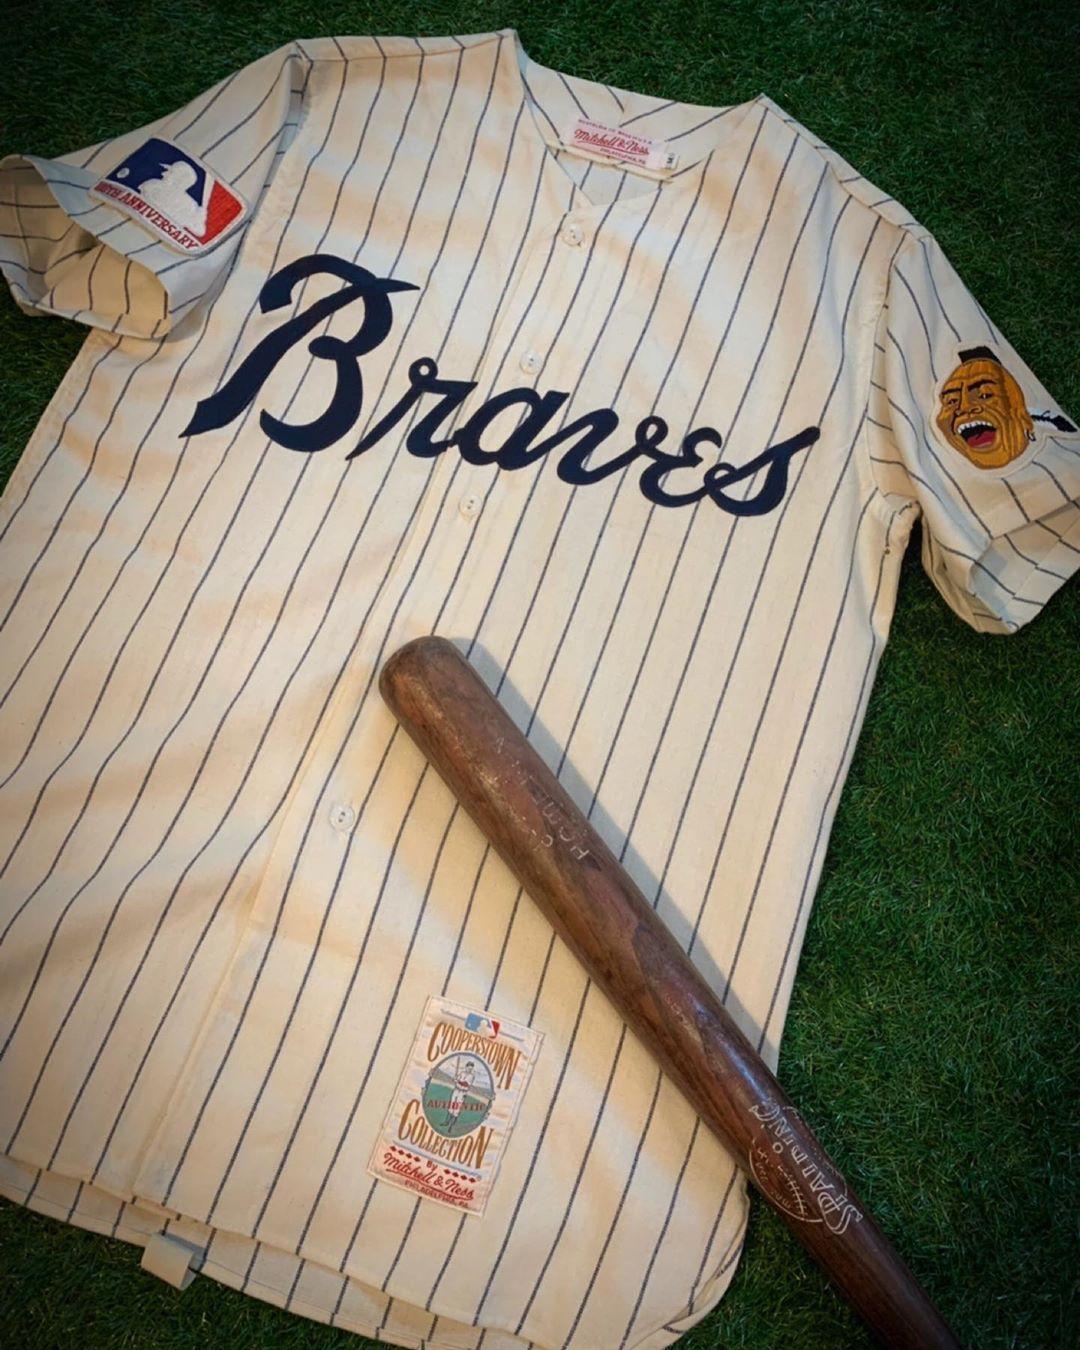 Unique Threads On Instagram Sold Vintage Hank Aaron 1969 Atlanta Braves Mitchellandness Flannel Jersey Size Men S M Atlanta Braves Braves Hank Aaron